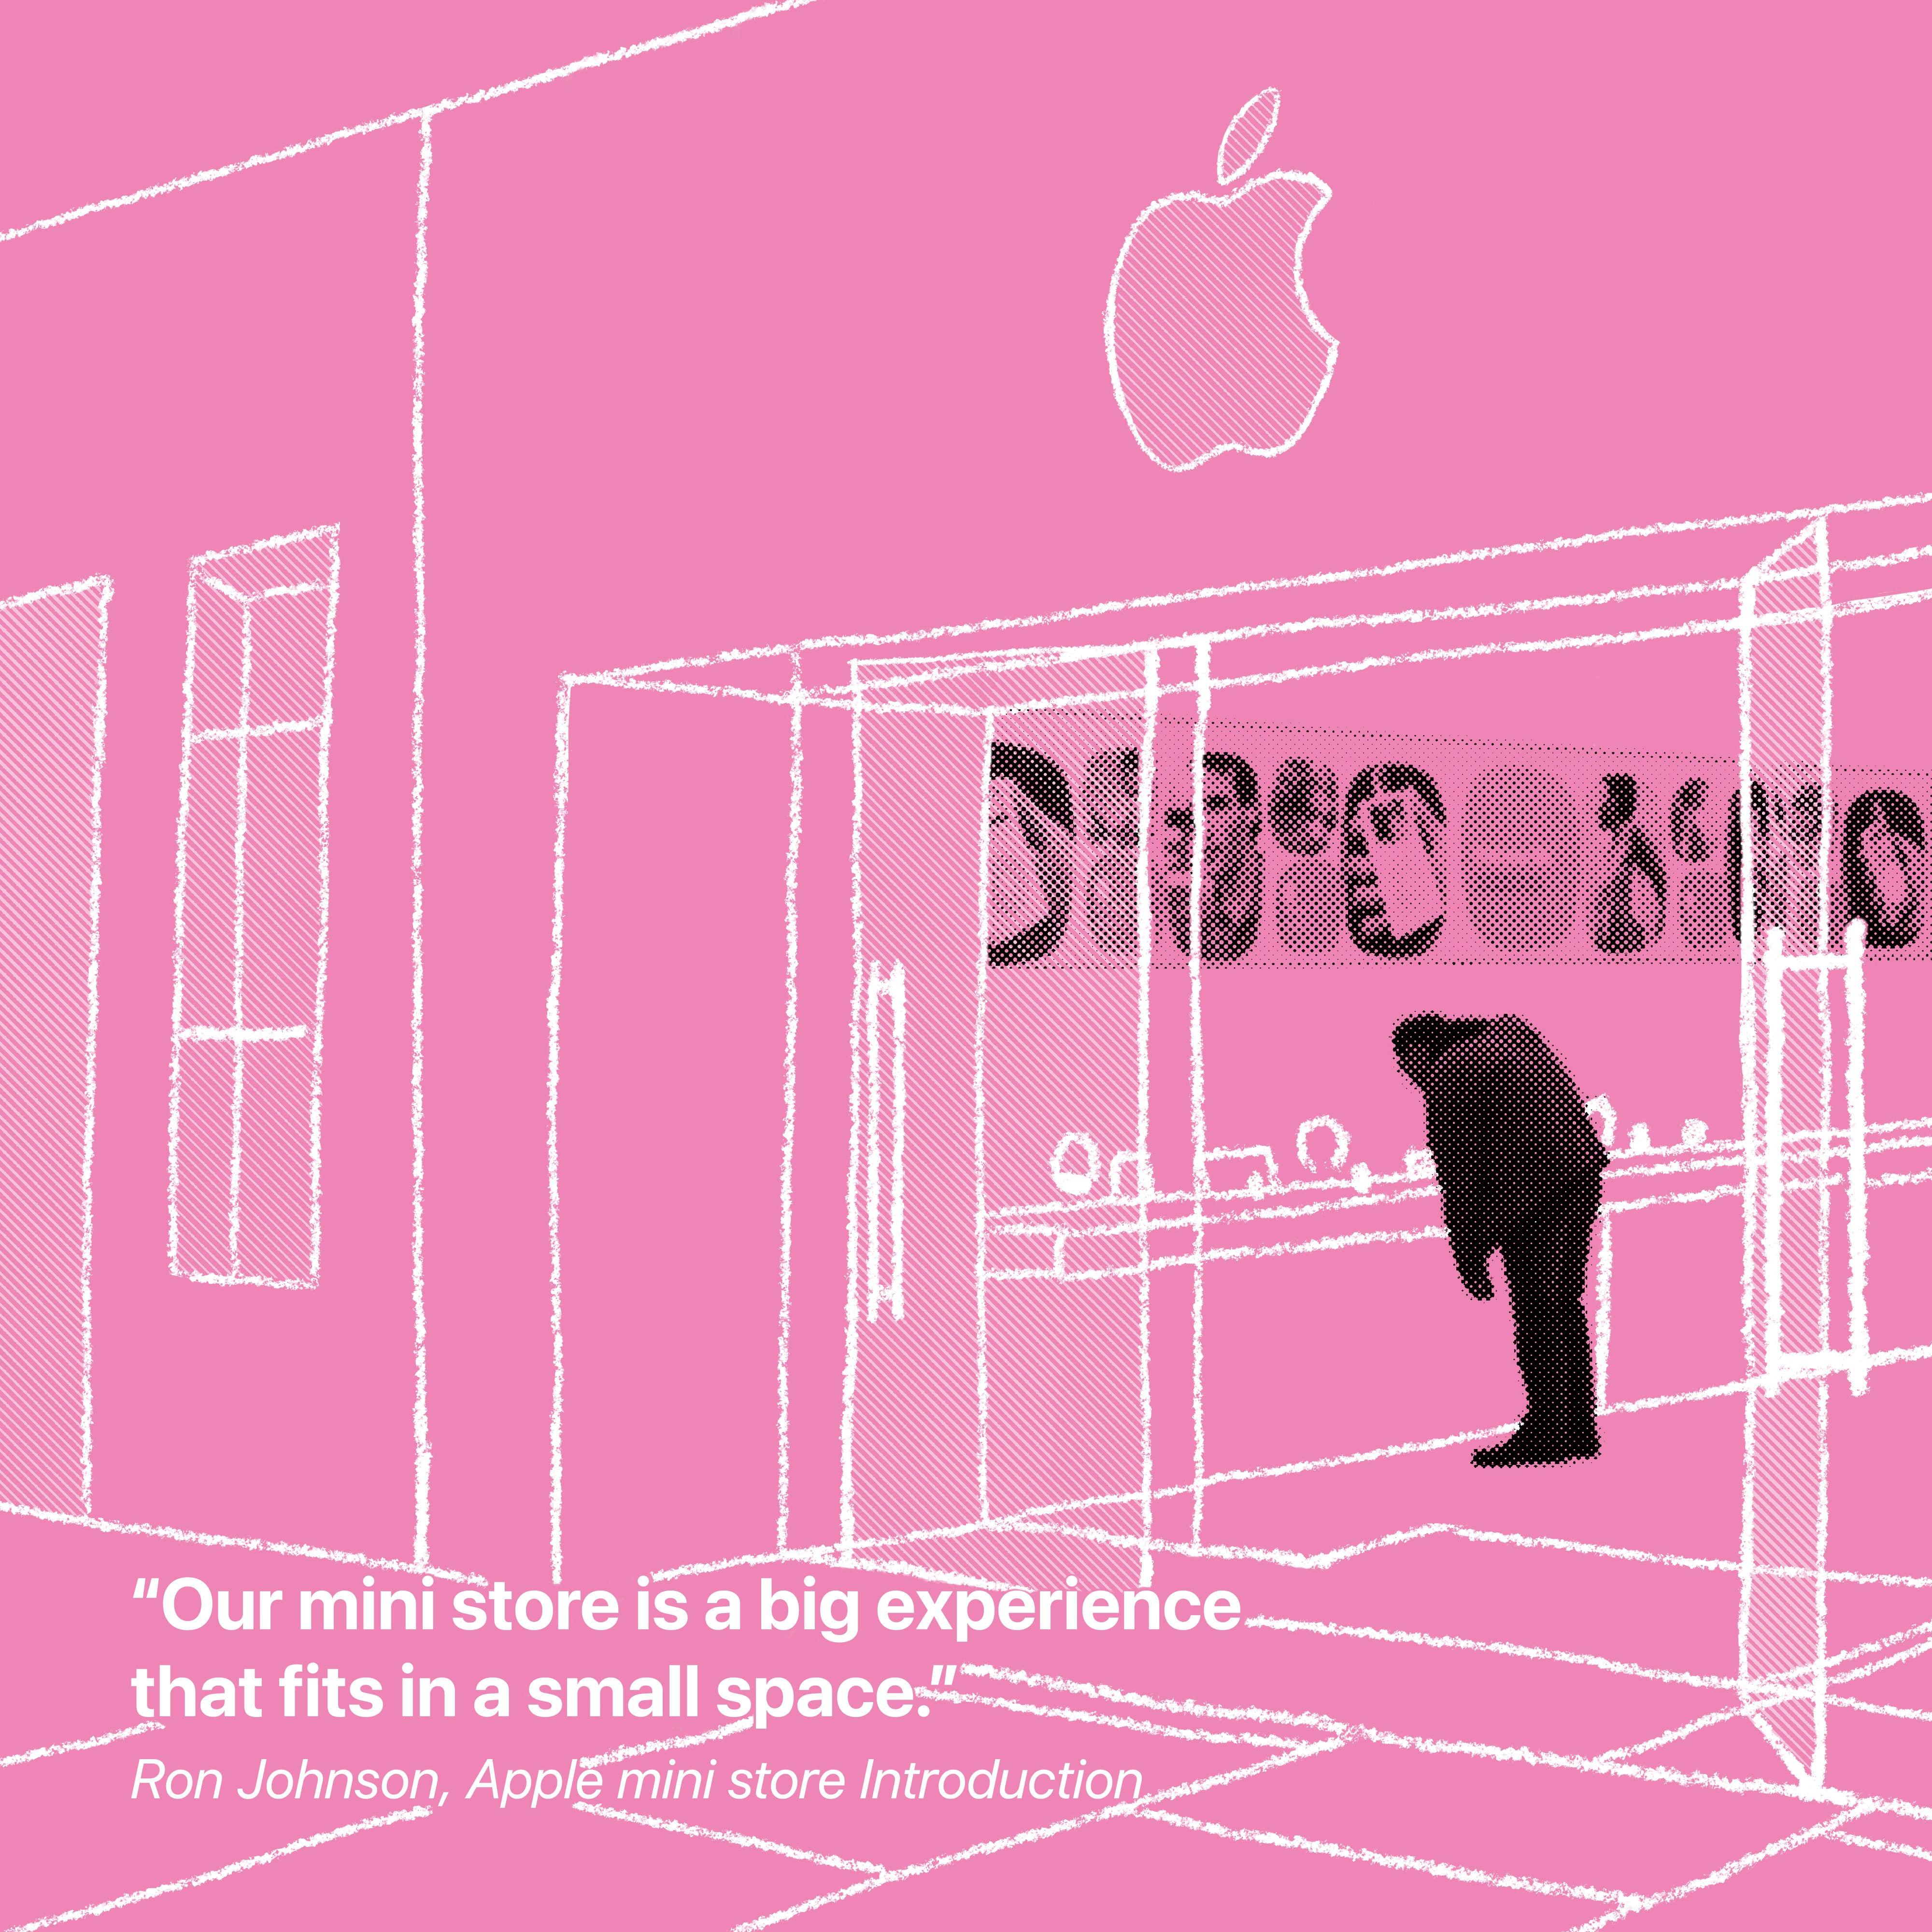 """""""Notre mini-boutique est une grande expérience qui s'intègre dans un petit espace."""" Ron Johnson, Apple mini store Introduction"""